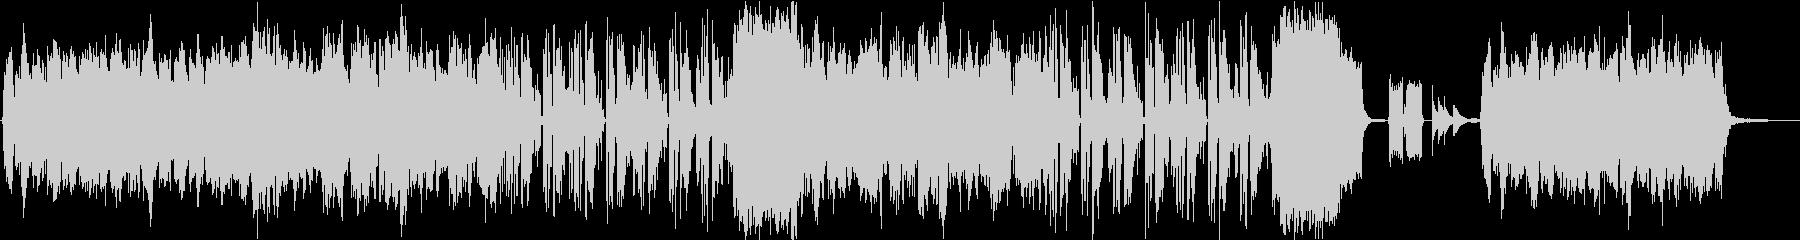 アコーディオンとリコーダーの可愛いBGMの未再生の波形